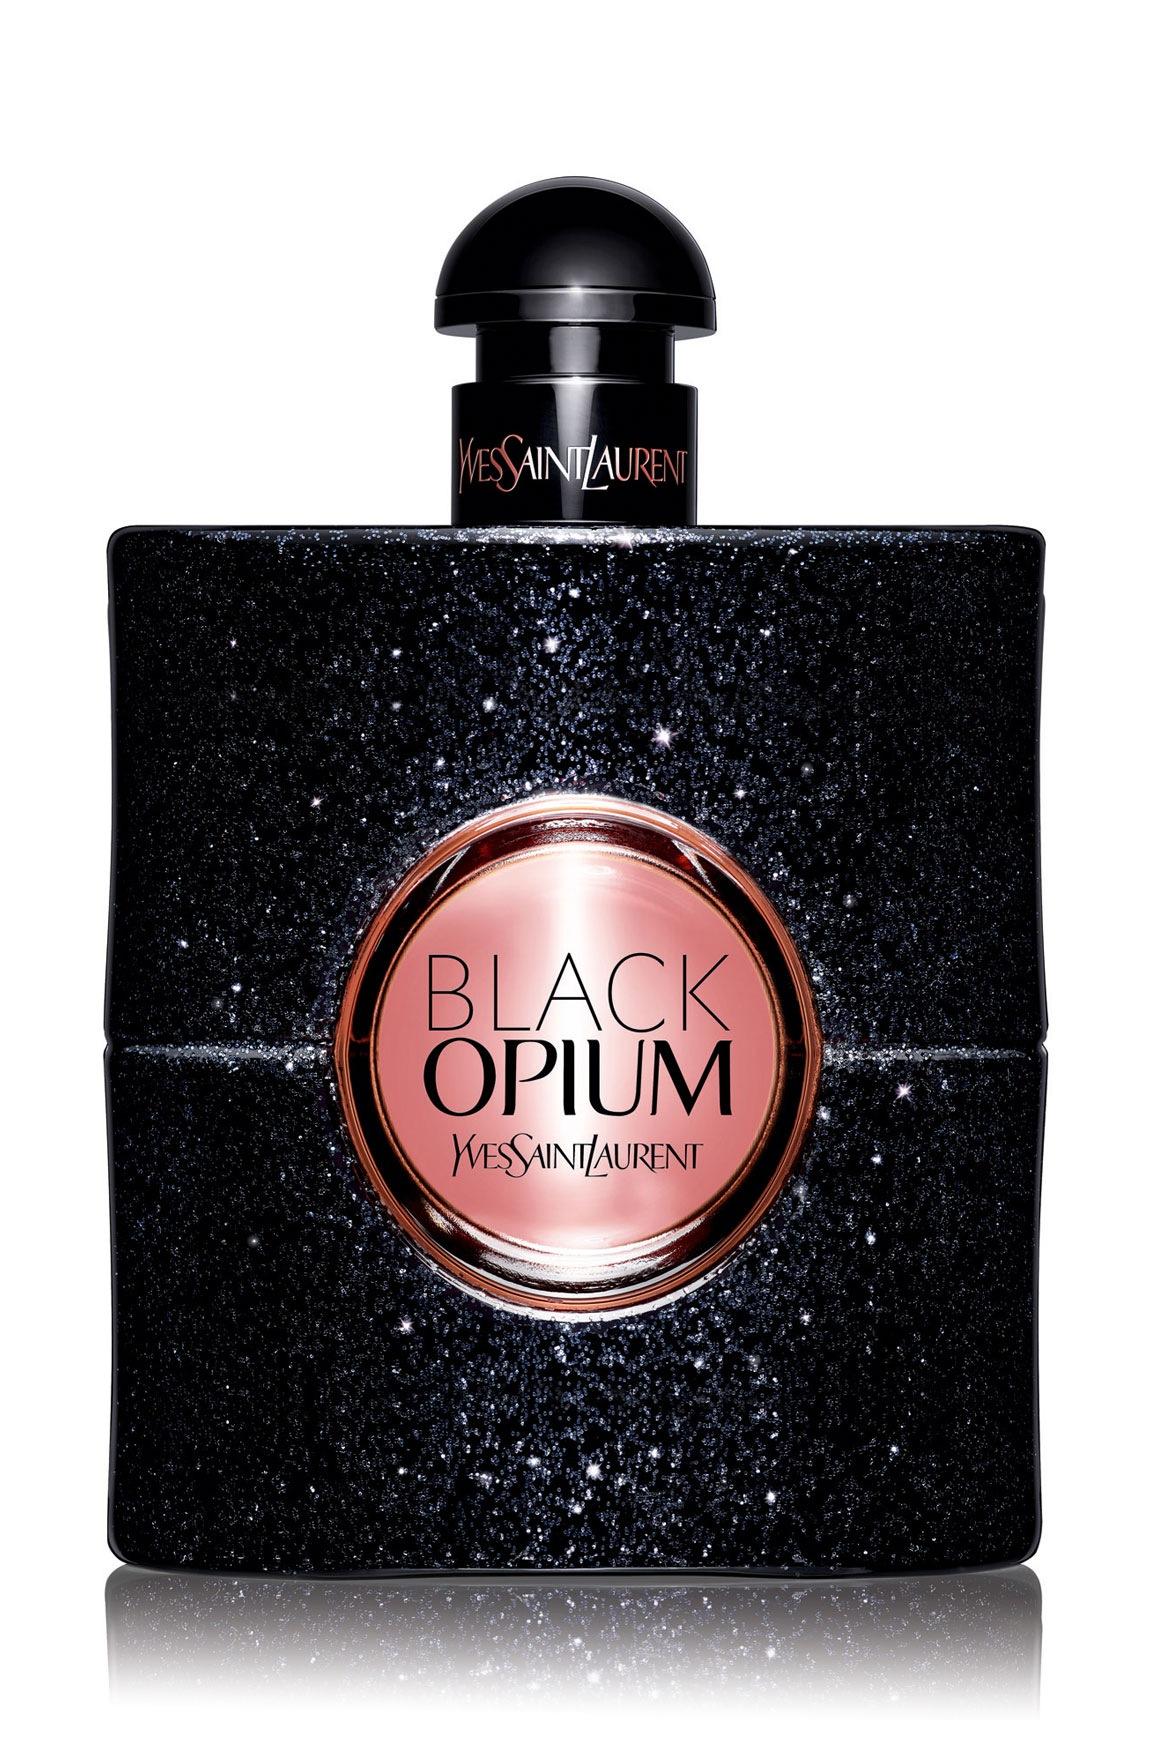 ysl monogram bag - Yves Saint Laurent | Black Opium EDP | Myer Online